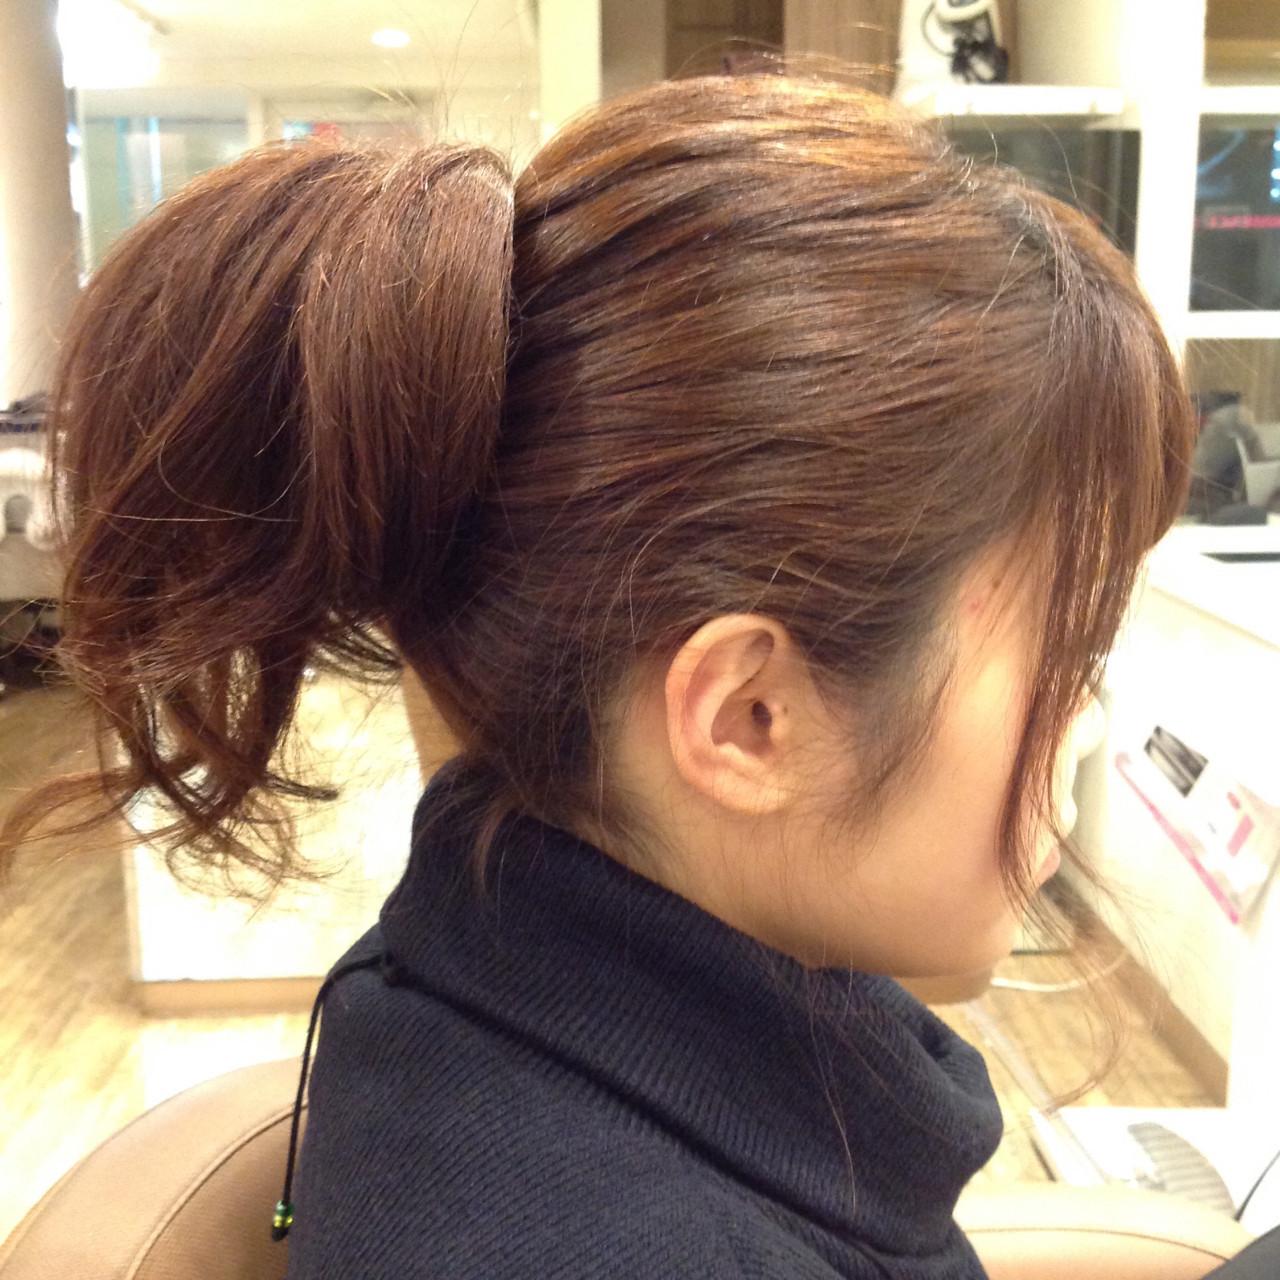 逆りんぱ 簡単ヘアアレンジ 大人かわいい ミディアム ヘアスタイルや髪型の写真・画像